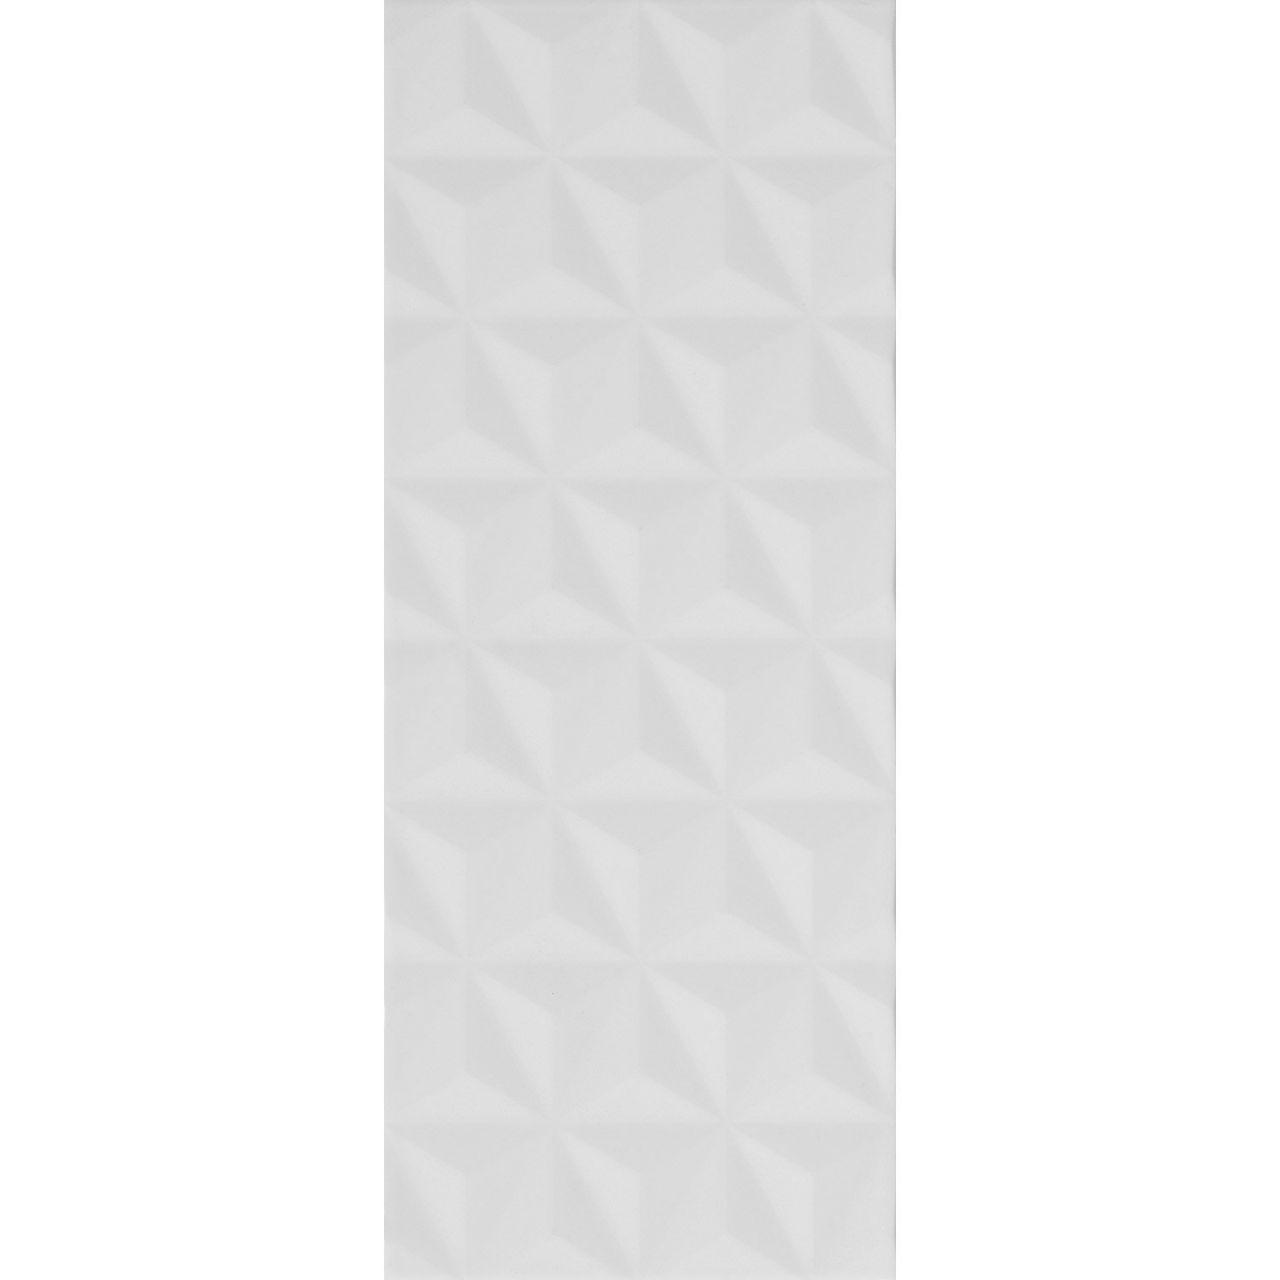 Voici la crédence que nous voulons mettre dans la cuisine pour proteger le mur.  <br /> C'est une faience normalement mais tellement joli que nous allons la mettre dans la cuisine